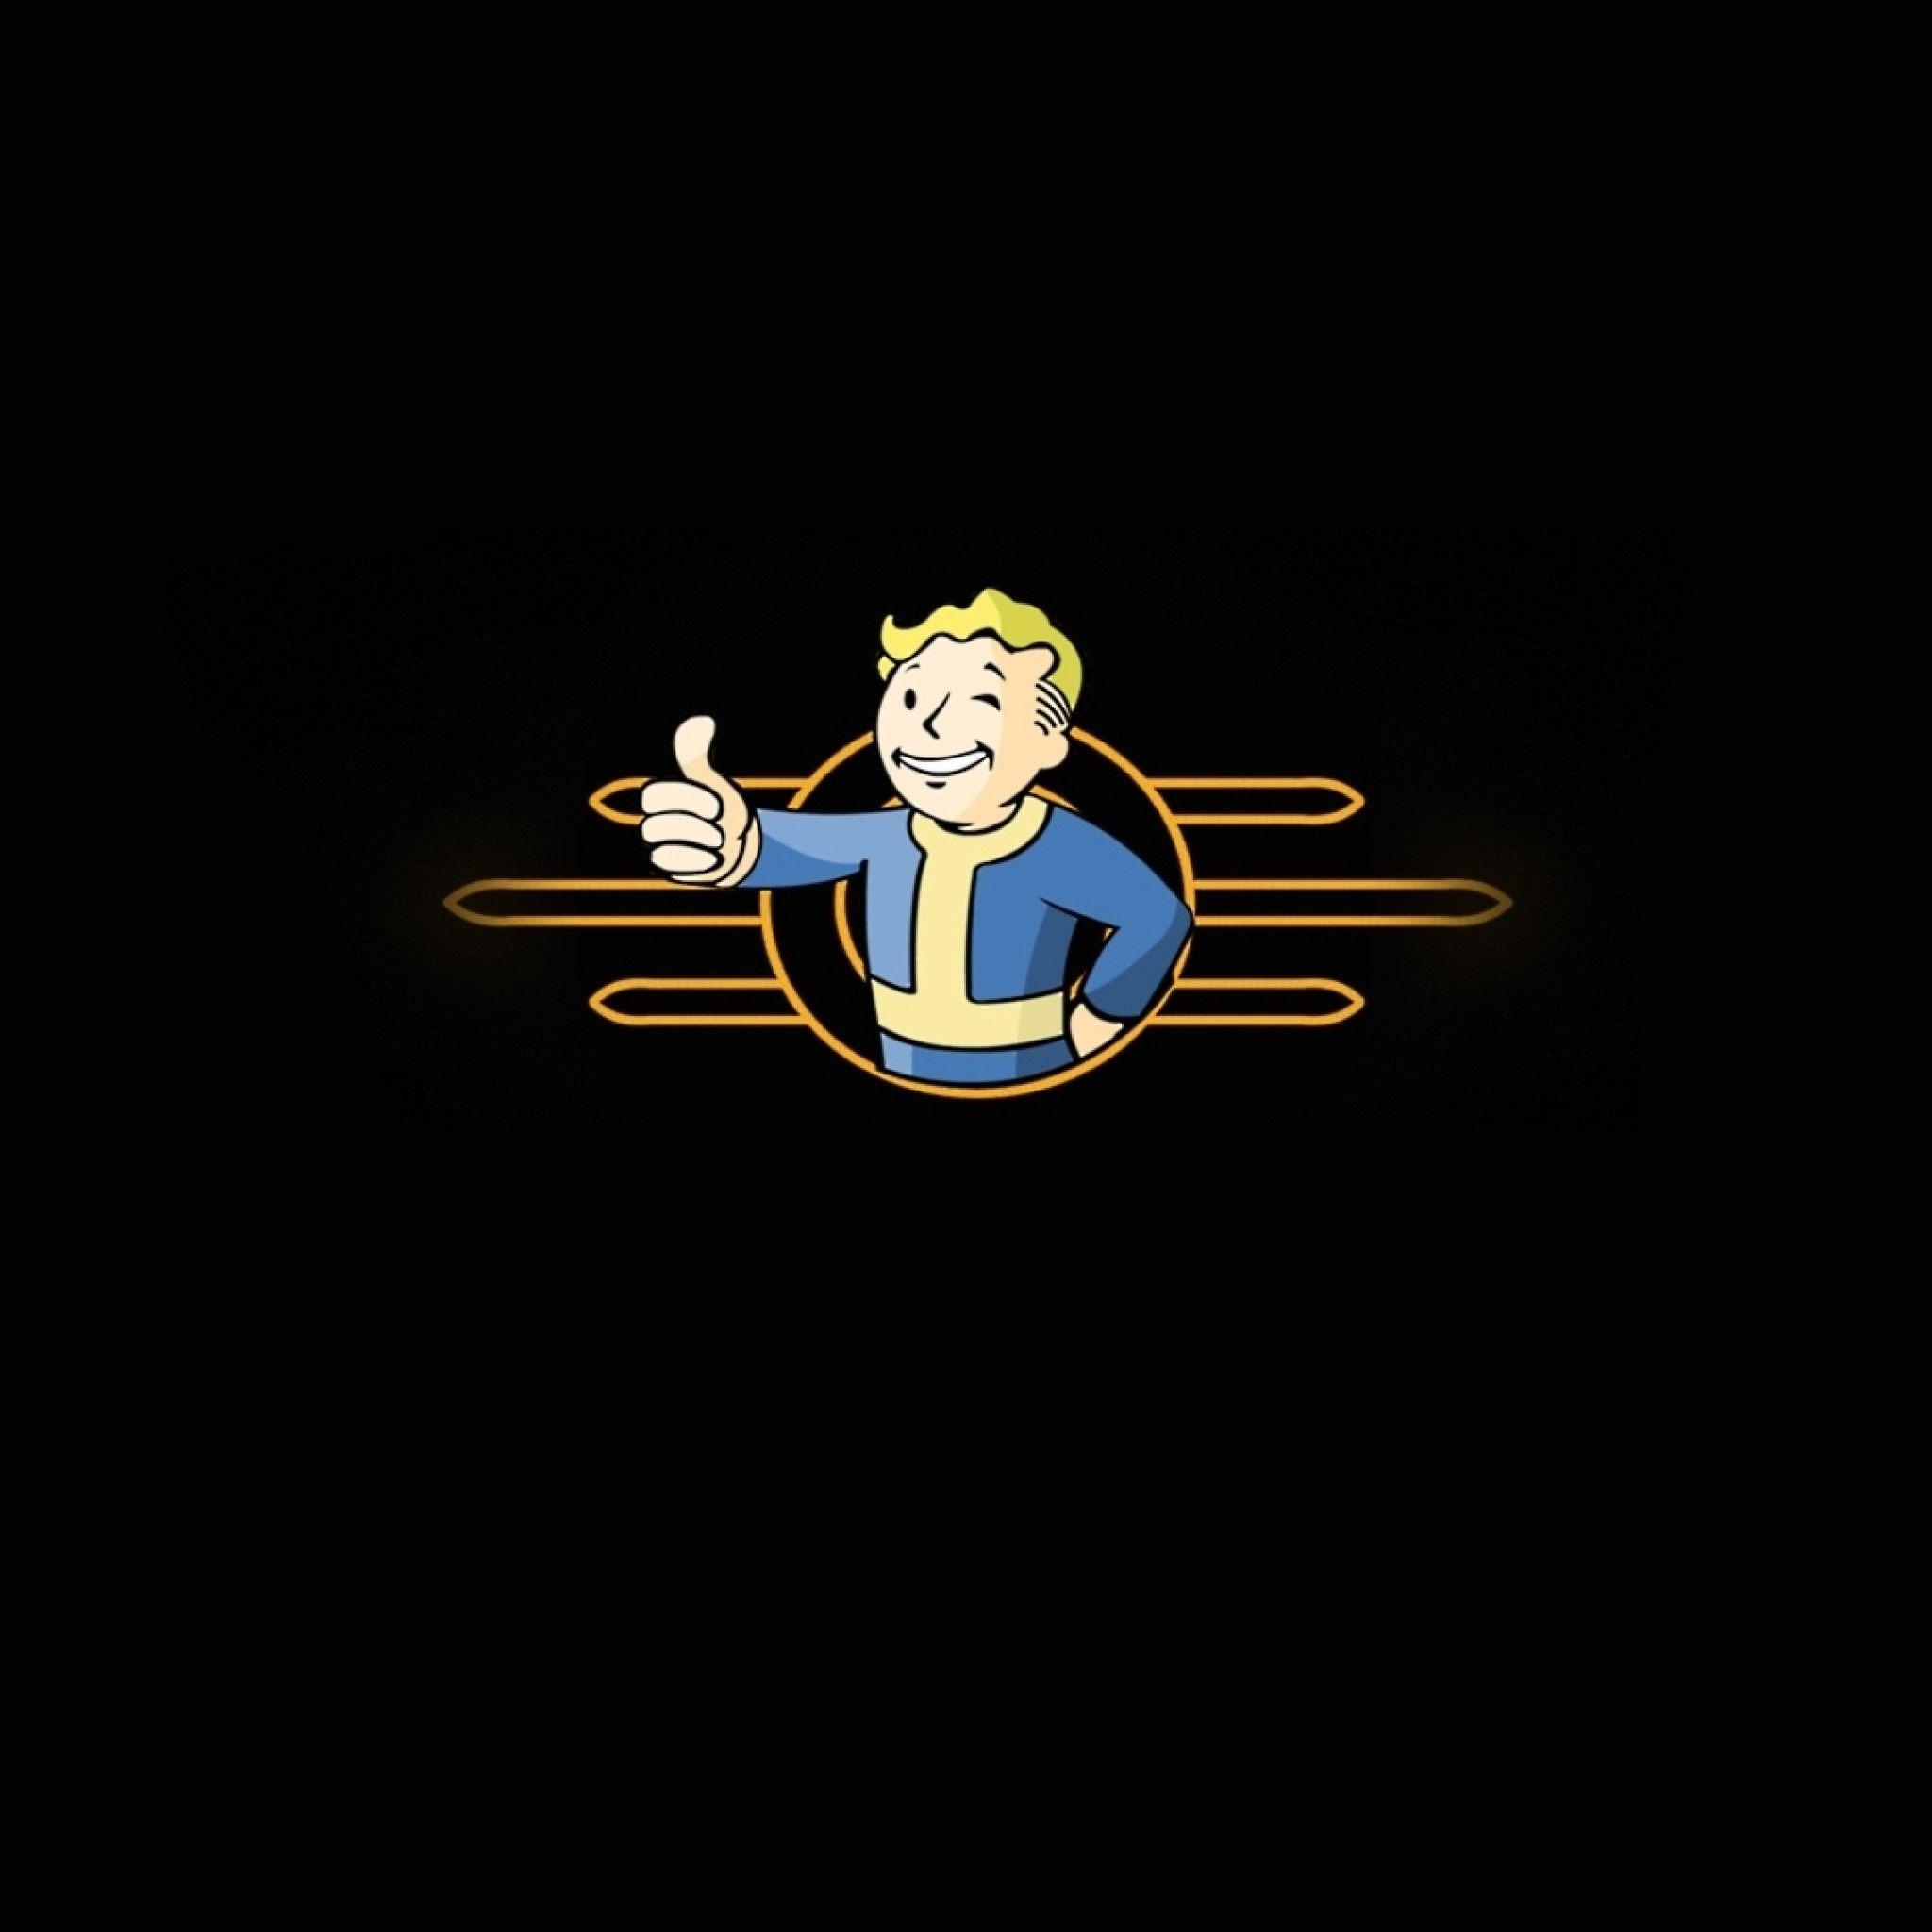 Fallout 3 Vault Boy 194771 Fallout Wallpaper Fallout Art Vault Boy